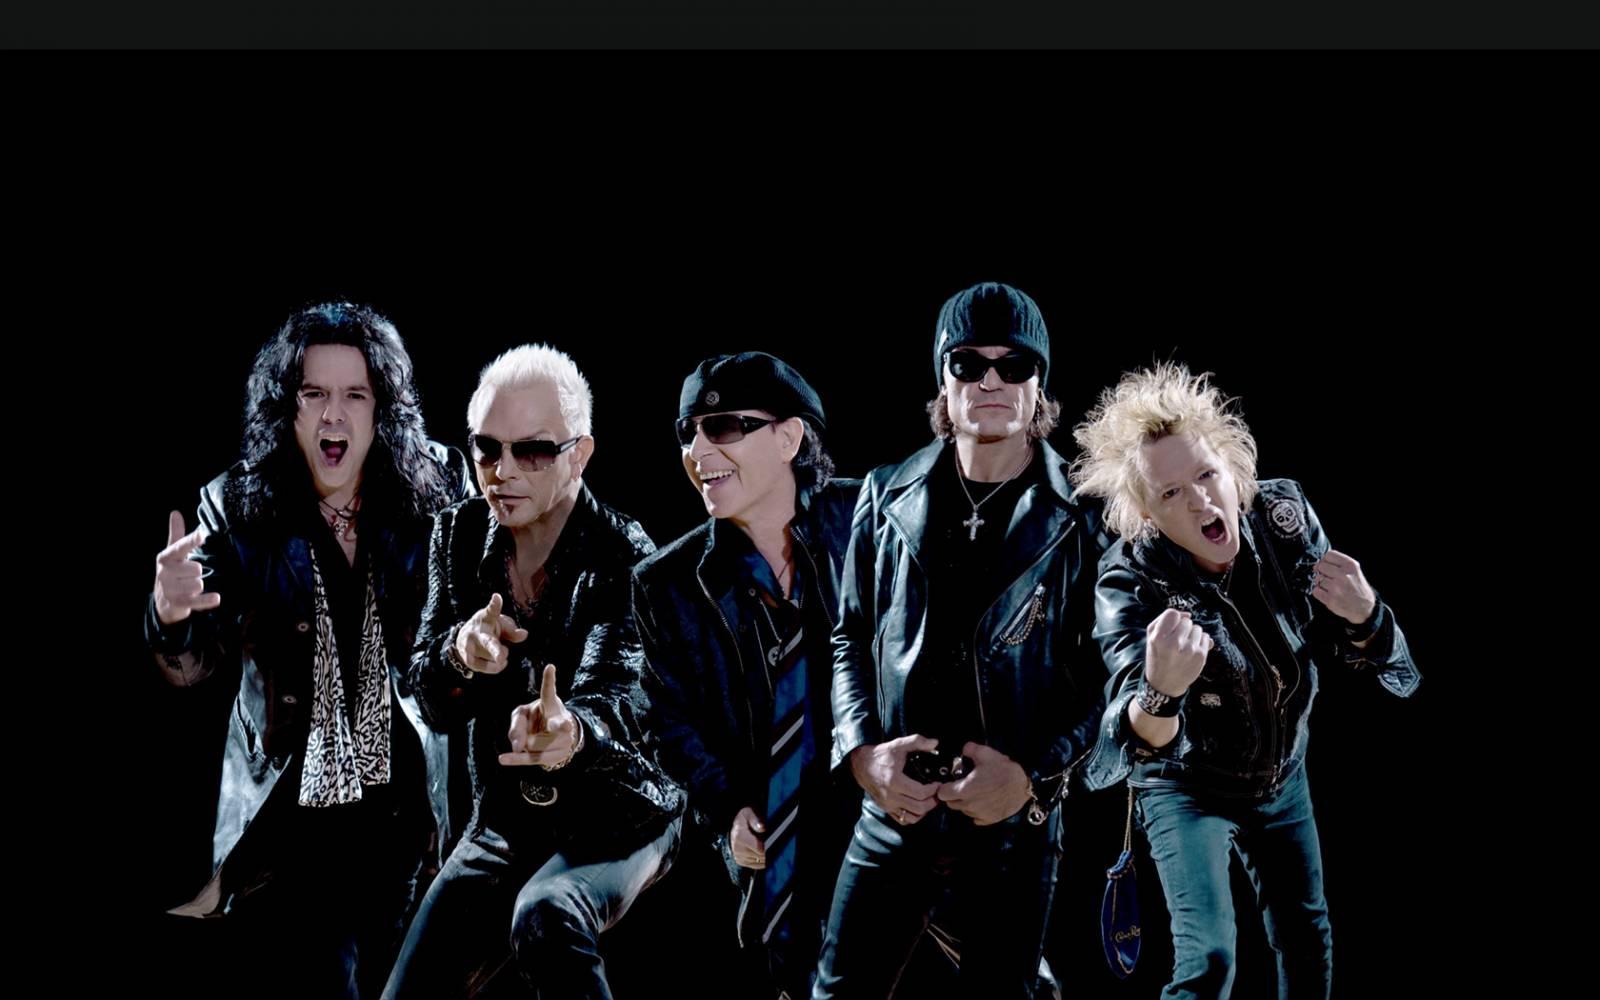 Scorpions v neděli v Ostravě nevystoupí. Koncert byl pár hodin před začátkem odložen